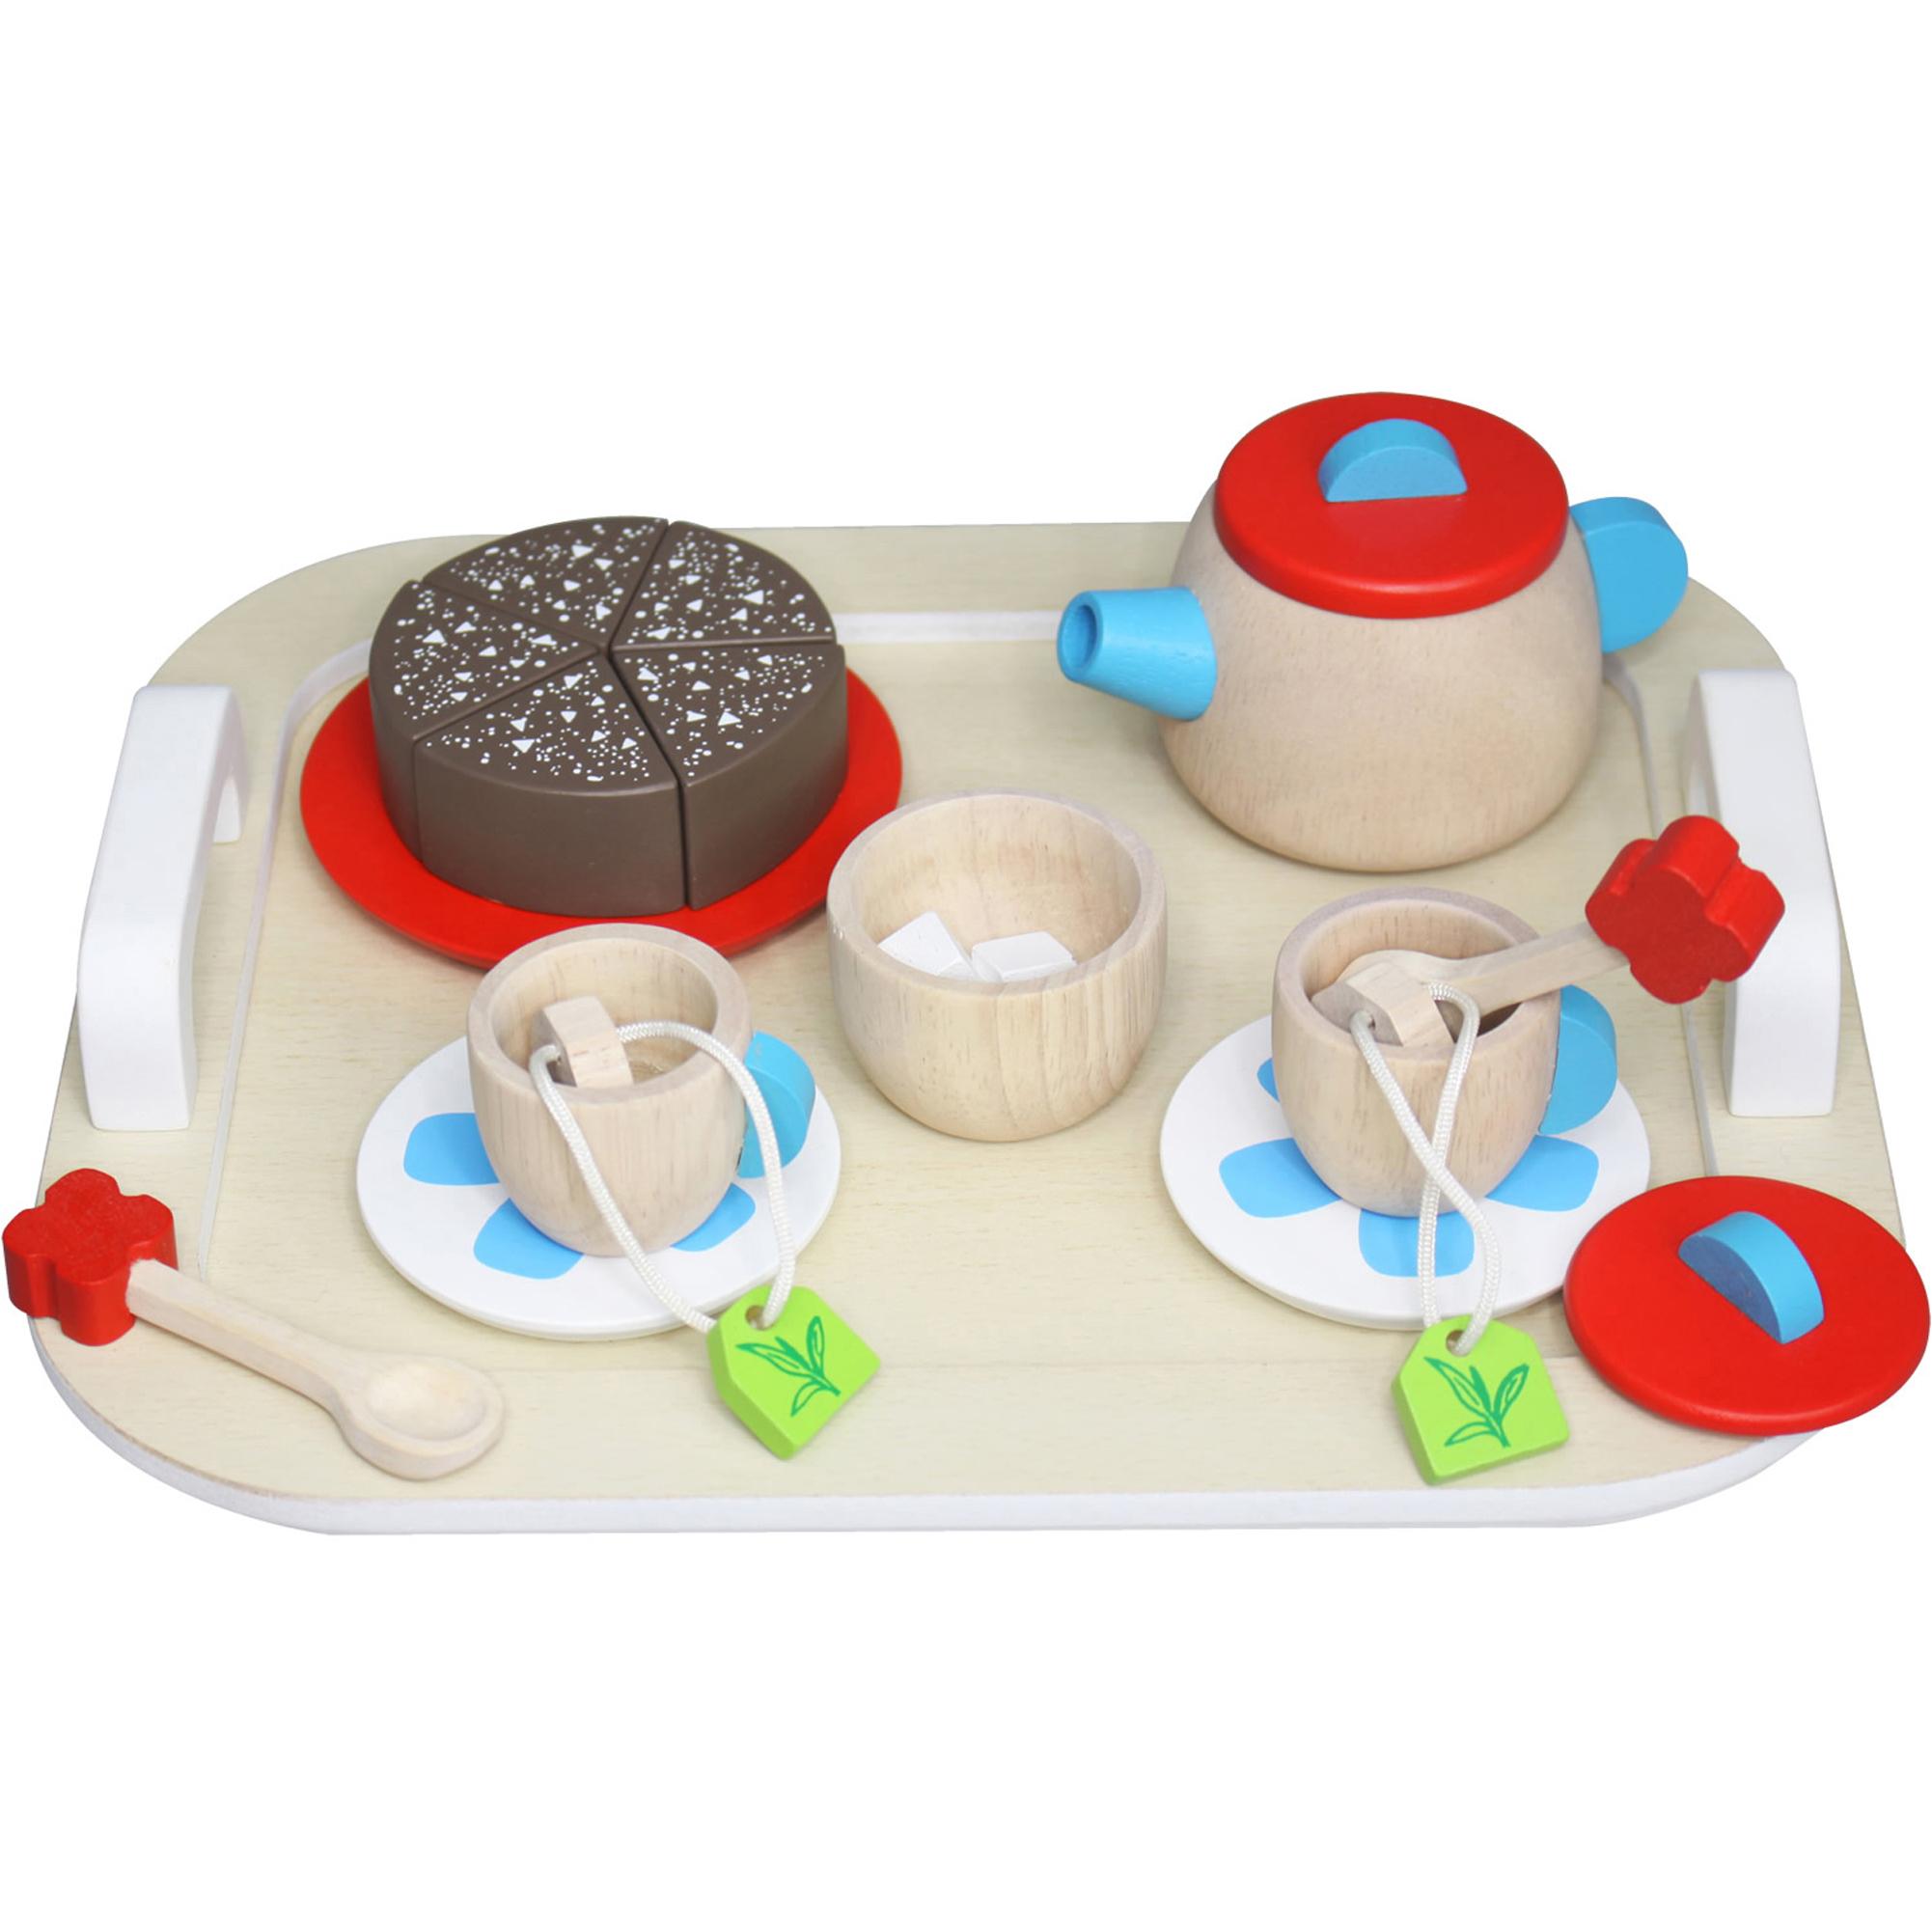 Erfreut Spiele In Einer Küche Tee Party Zu Spielen Bilder - Küche ...